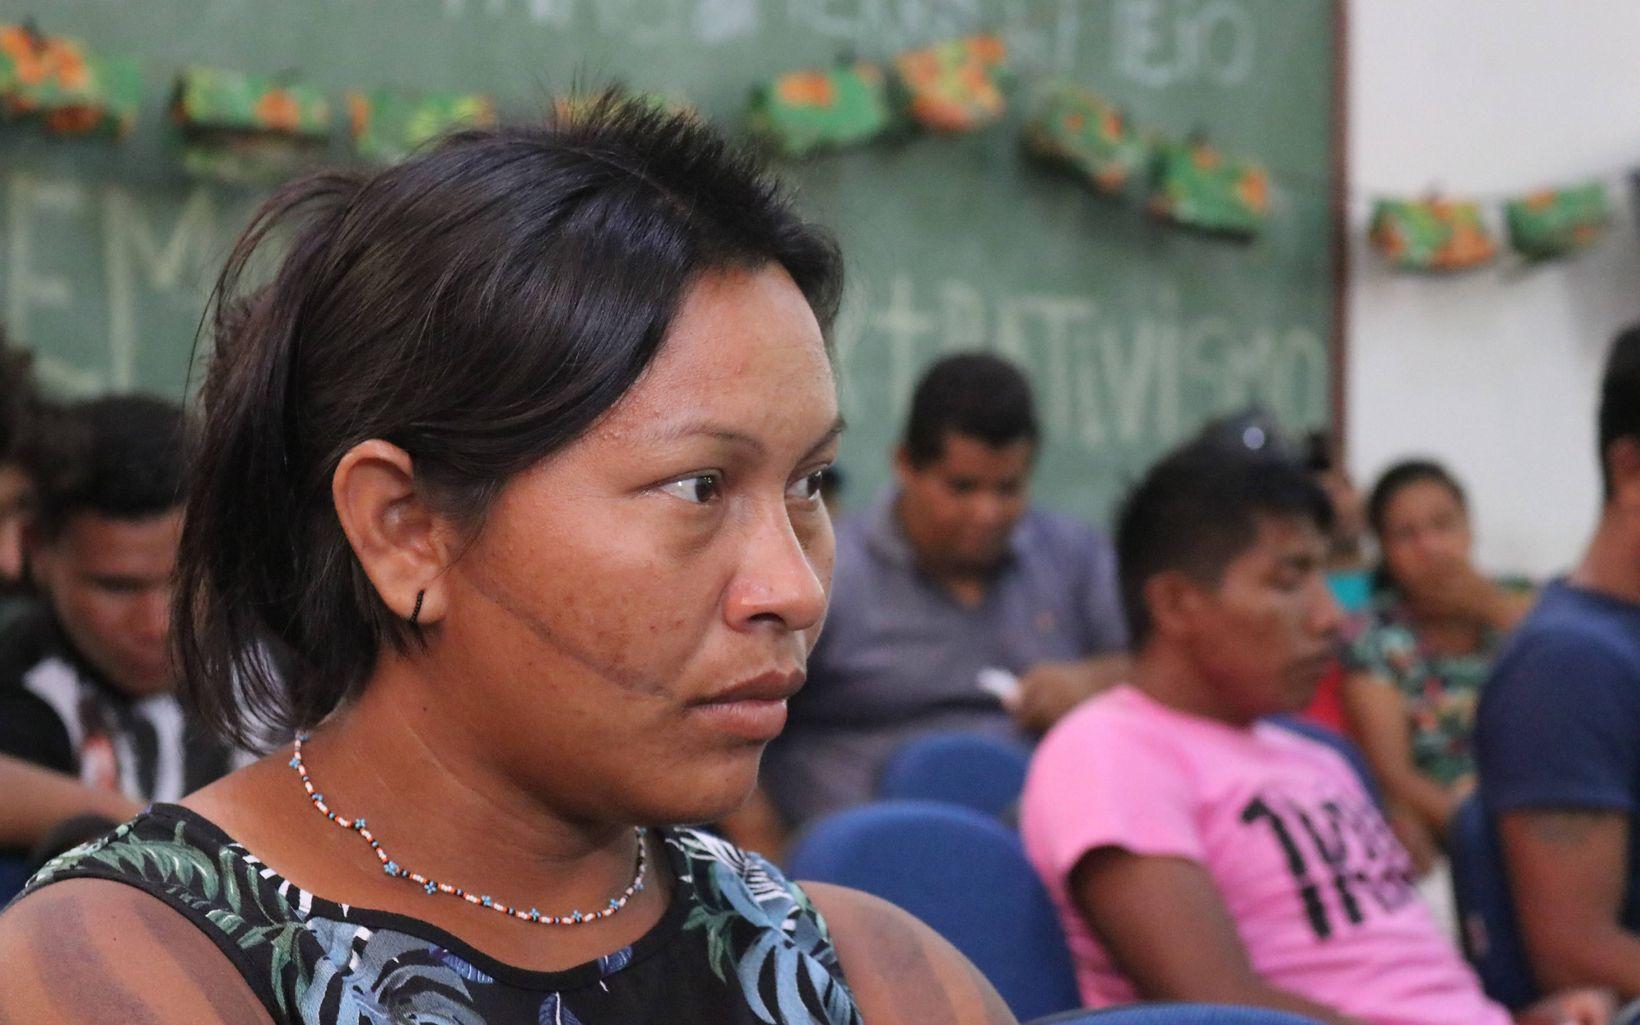 Kokote Xikrin, uma das lideranças do trabalho com óleo de babaçu nas aldeias Xikrin, participou do evento expondo o trabalho das mulheres da comunidade.